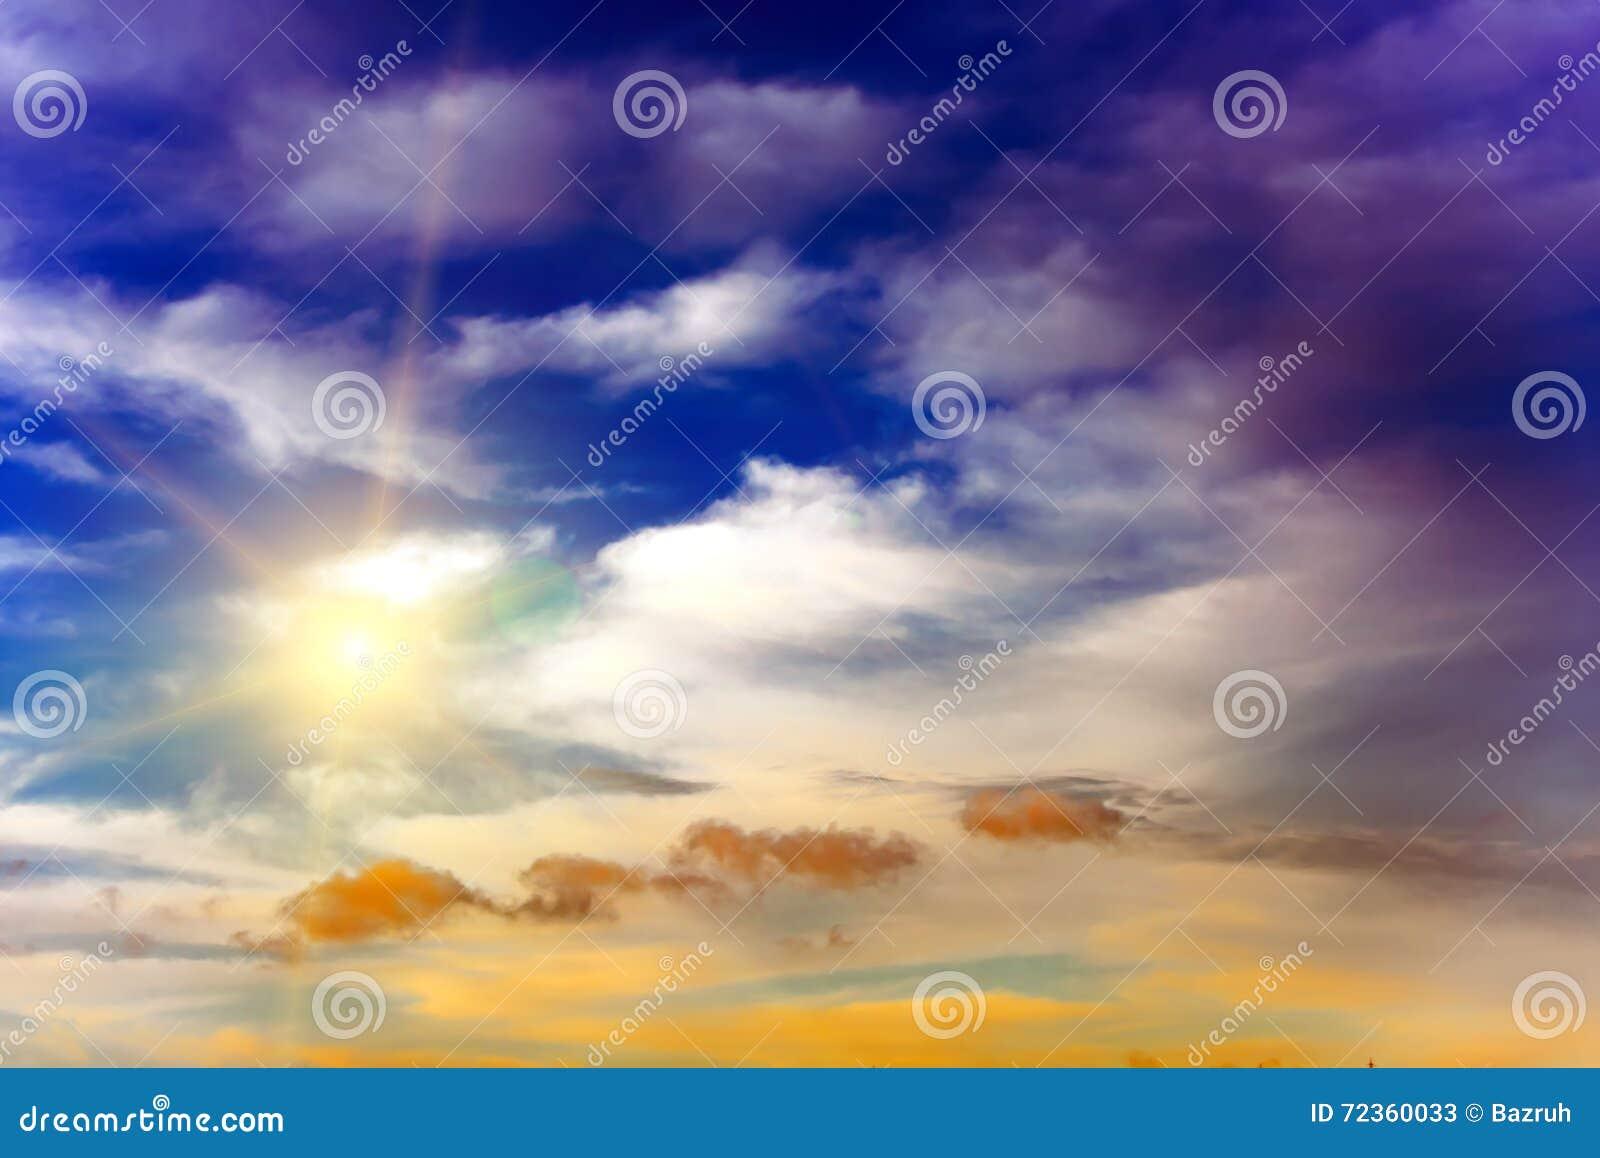 五颜六色的天空